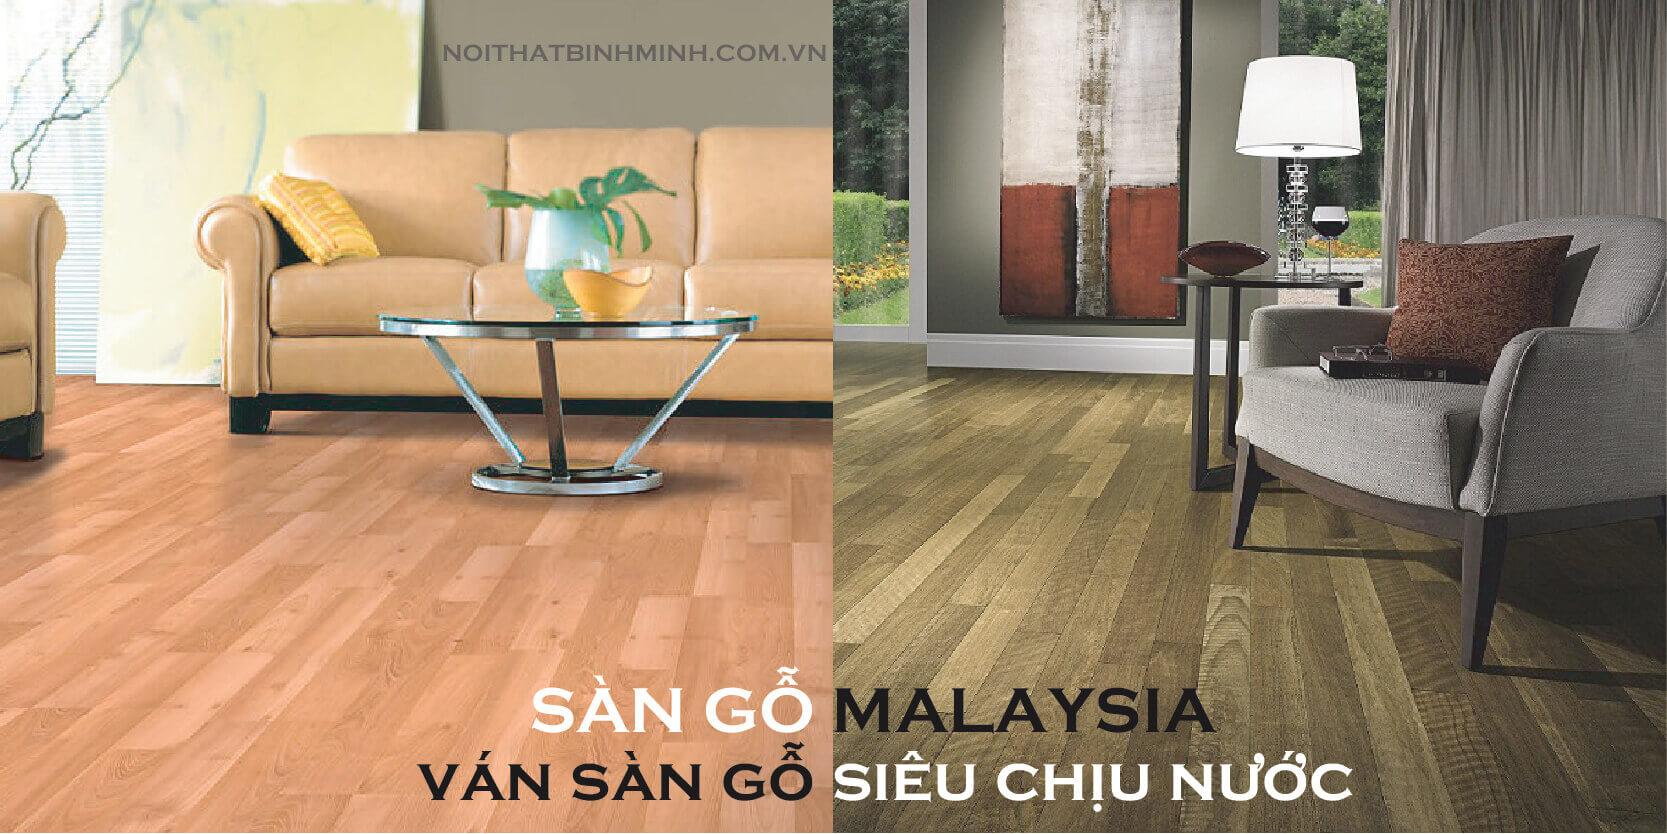 san-go-cong-nghiep-tai-da-nang